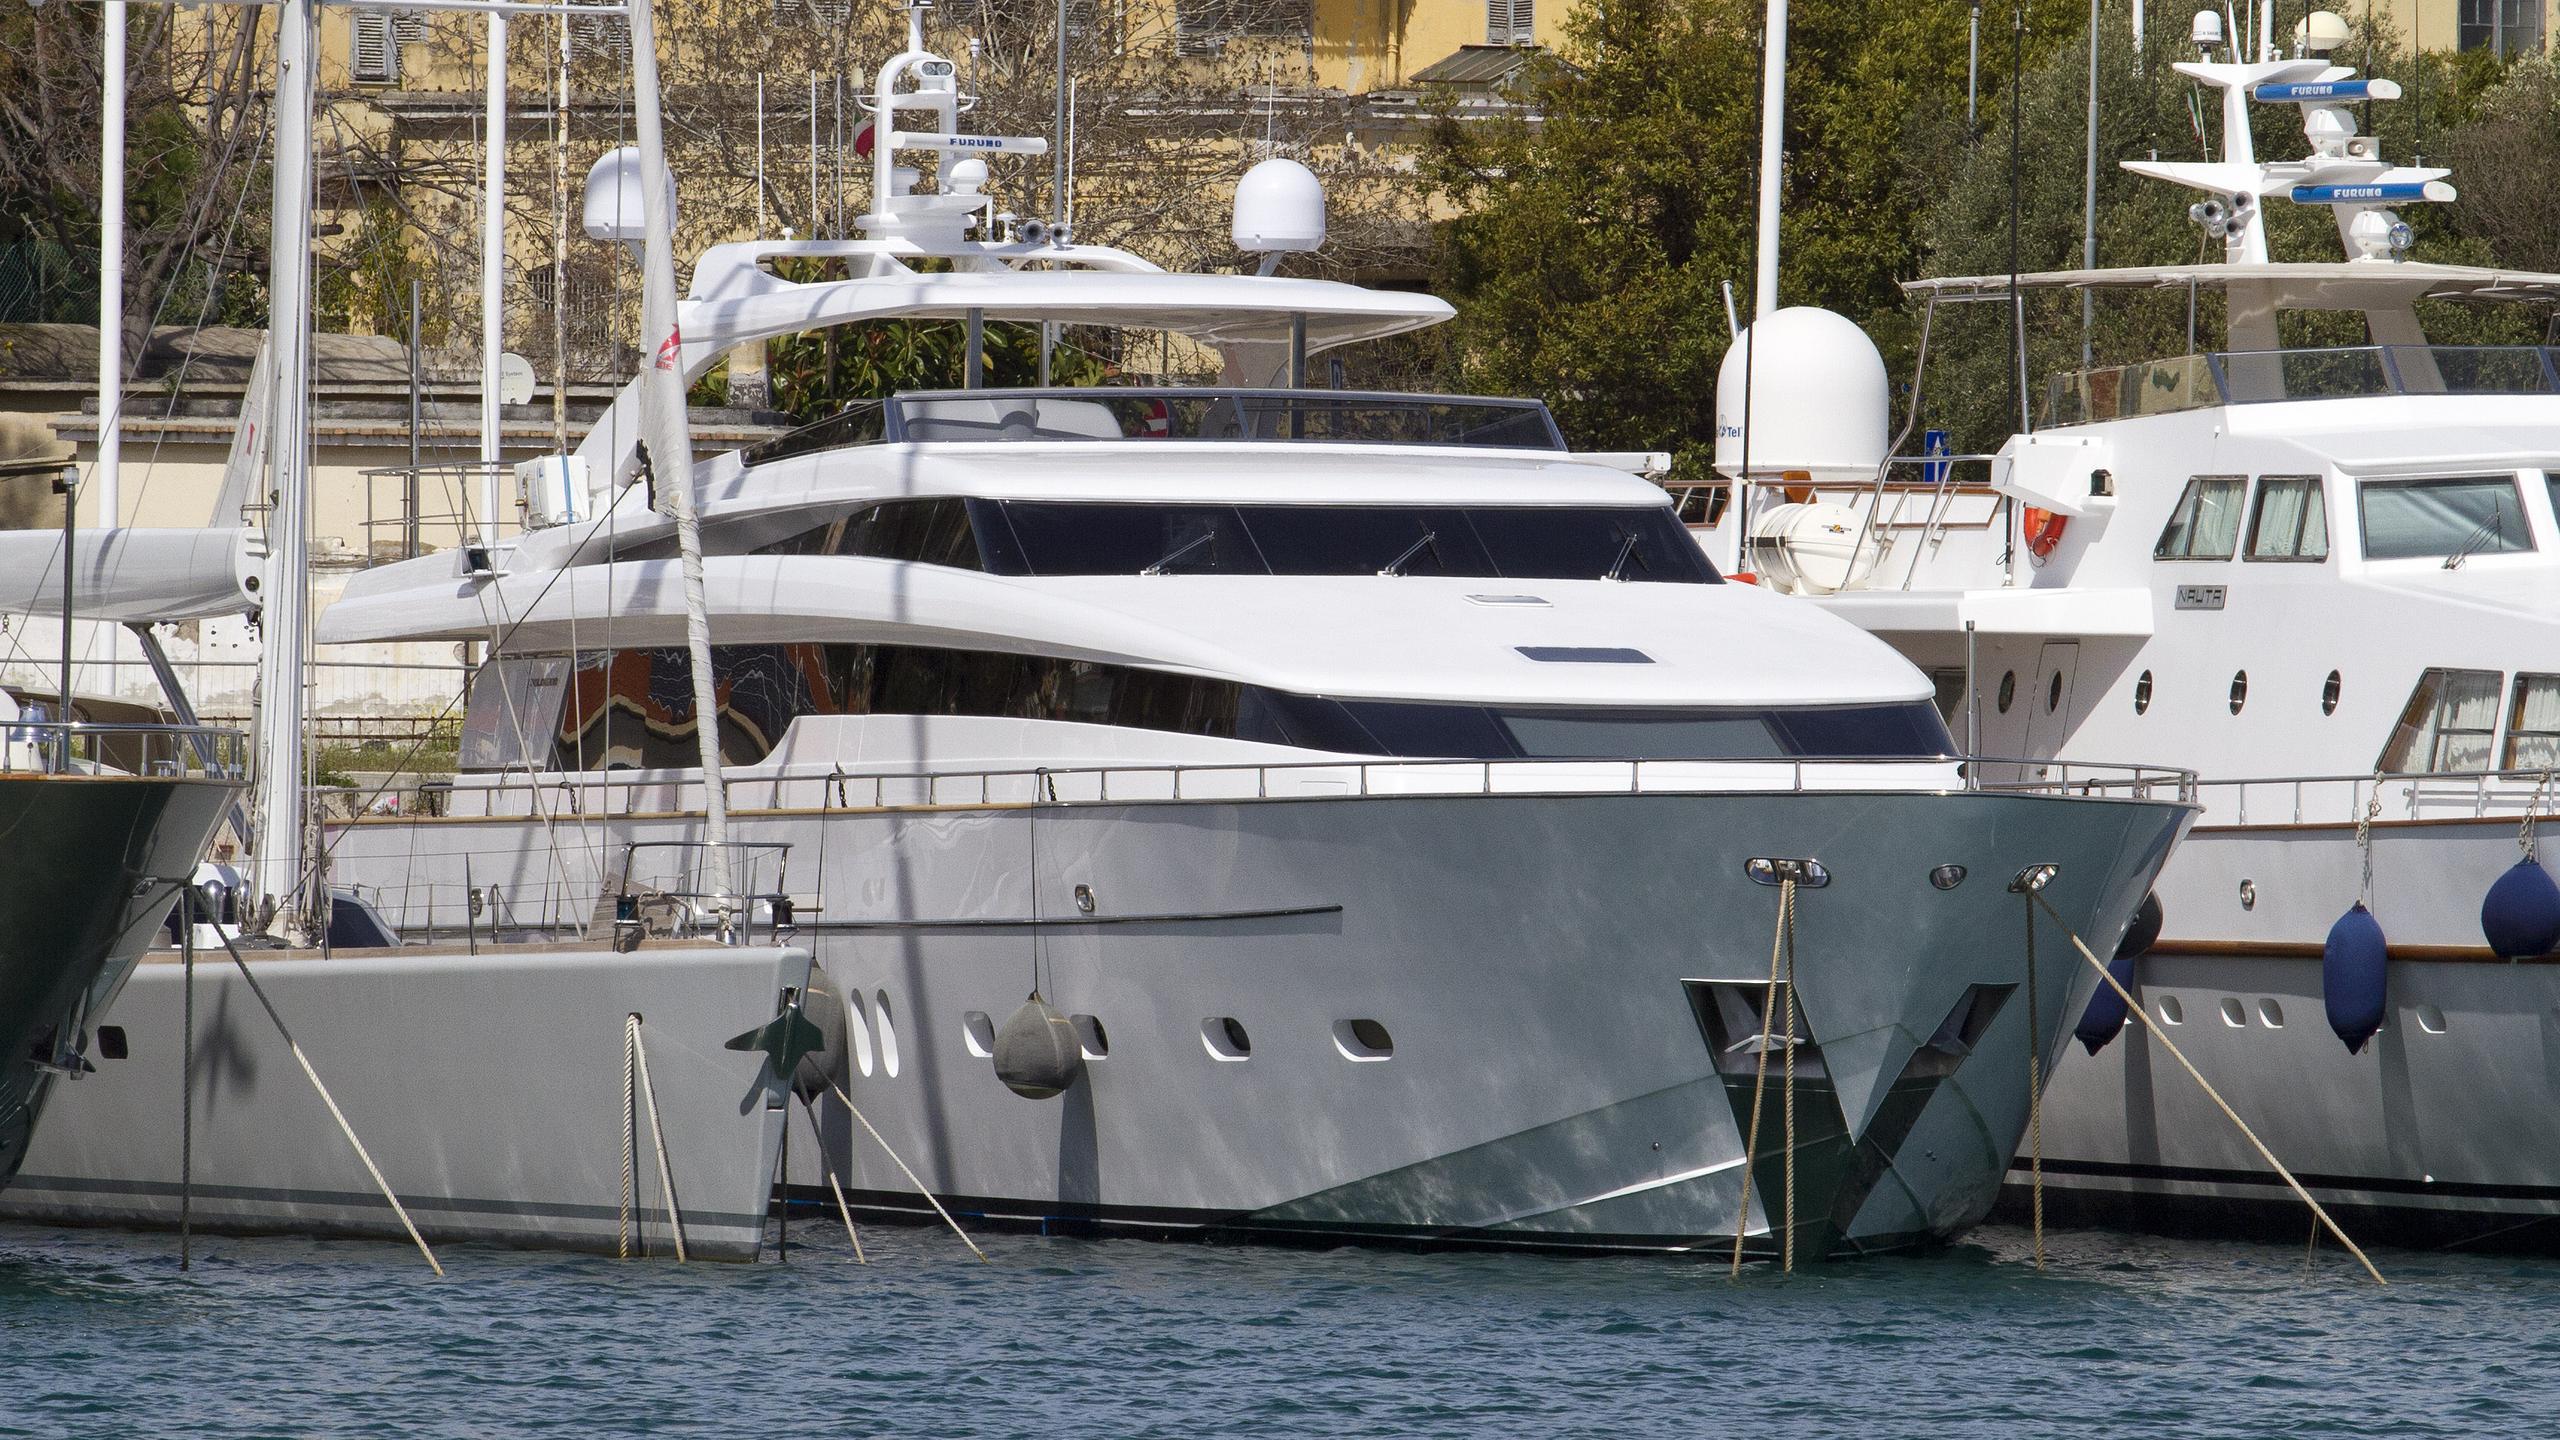 andinoria-motor-yacht-sanlorenzo-sl-108-2010-33m-bow